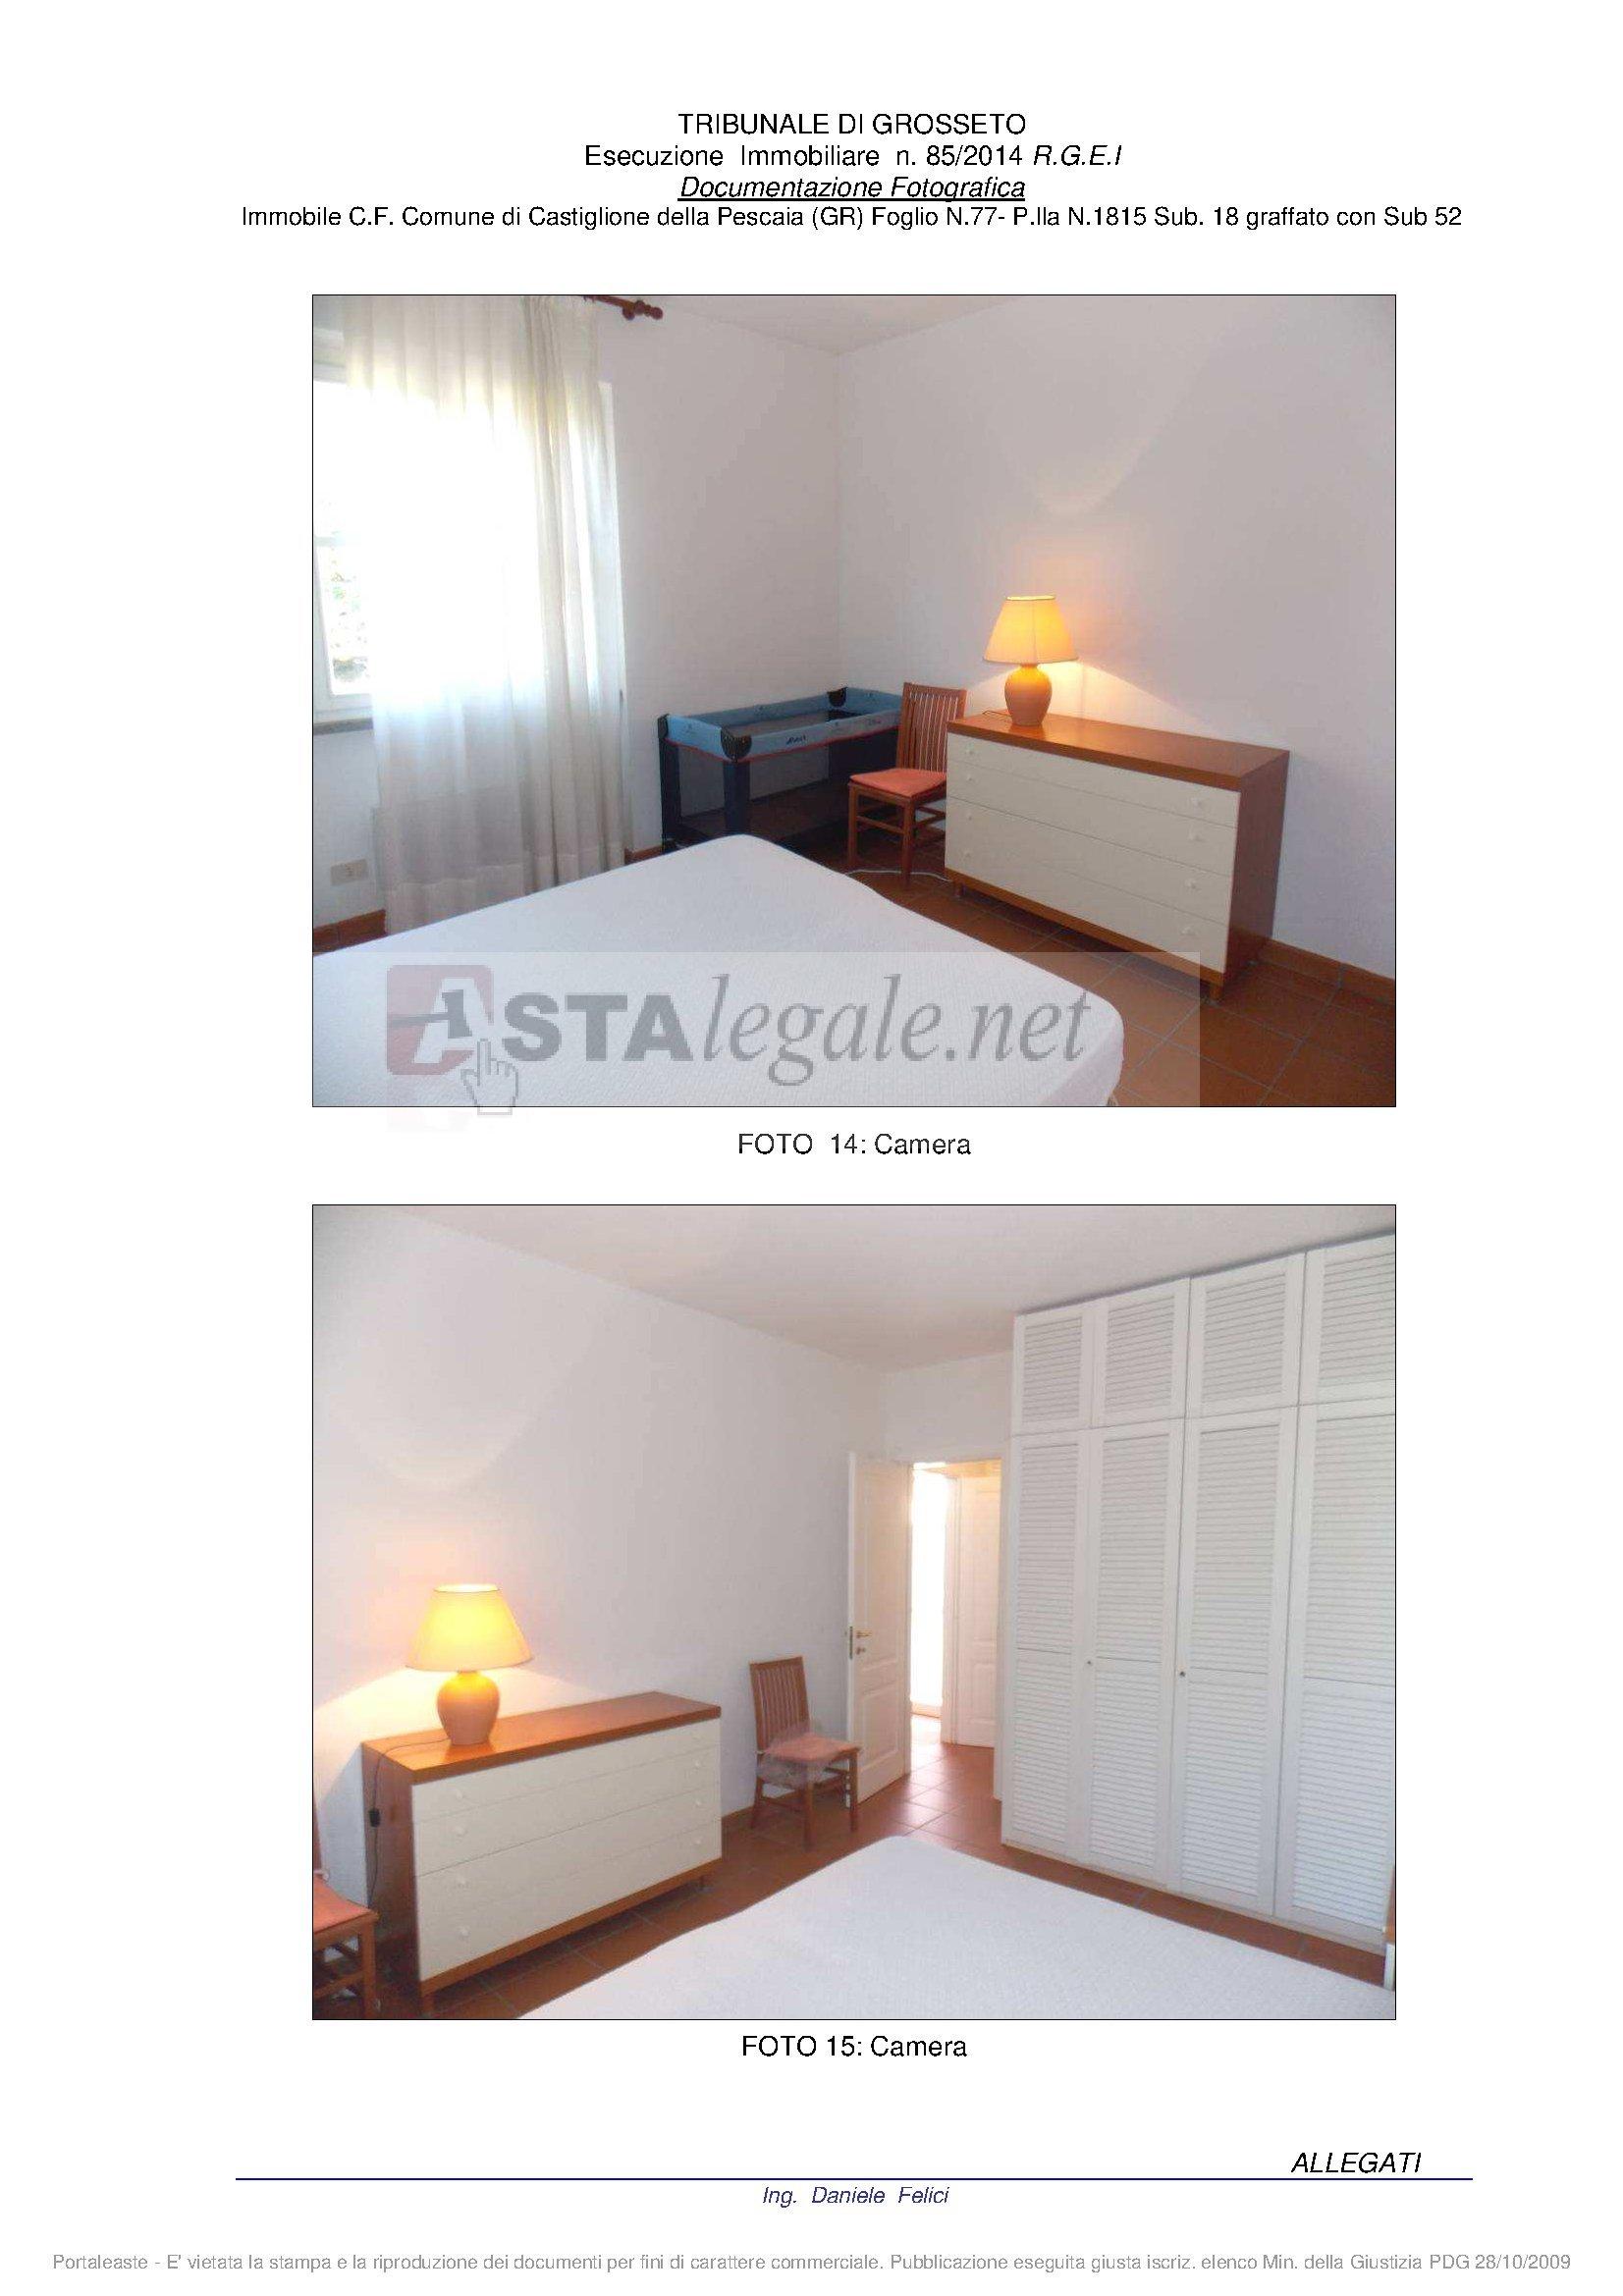 Bilocale Castiglione della Pescaia Via Della Tartana - Loc. Punta Ala - Lotto N. 1 Snc 8